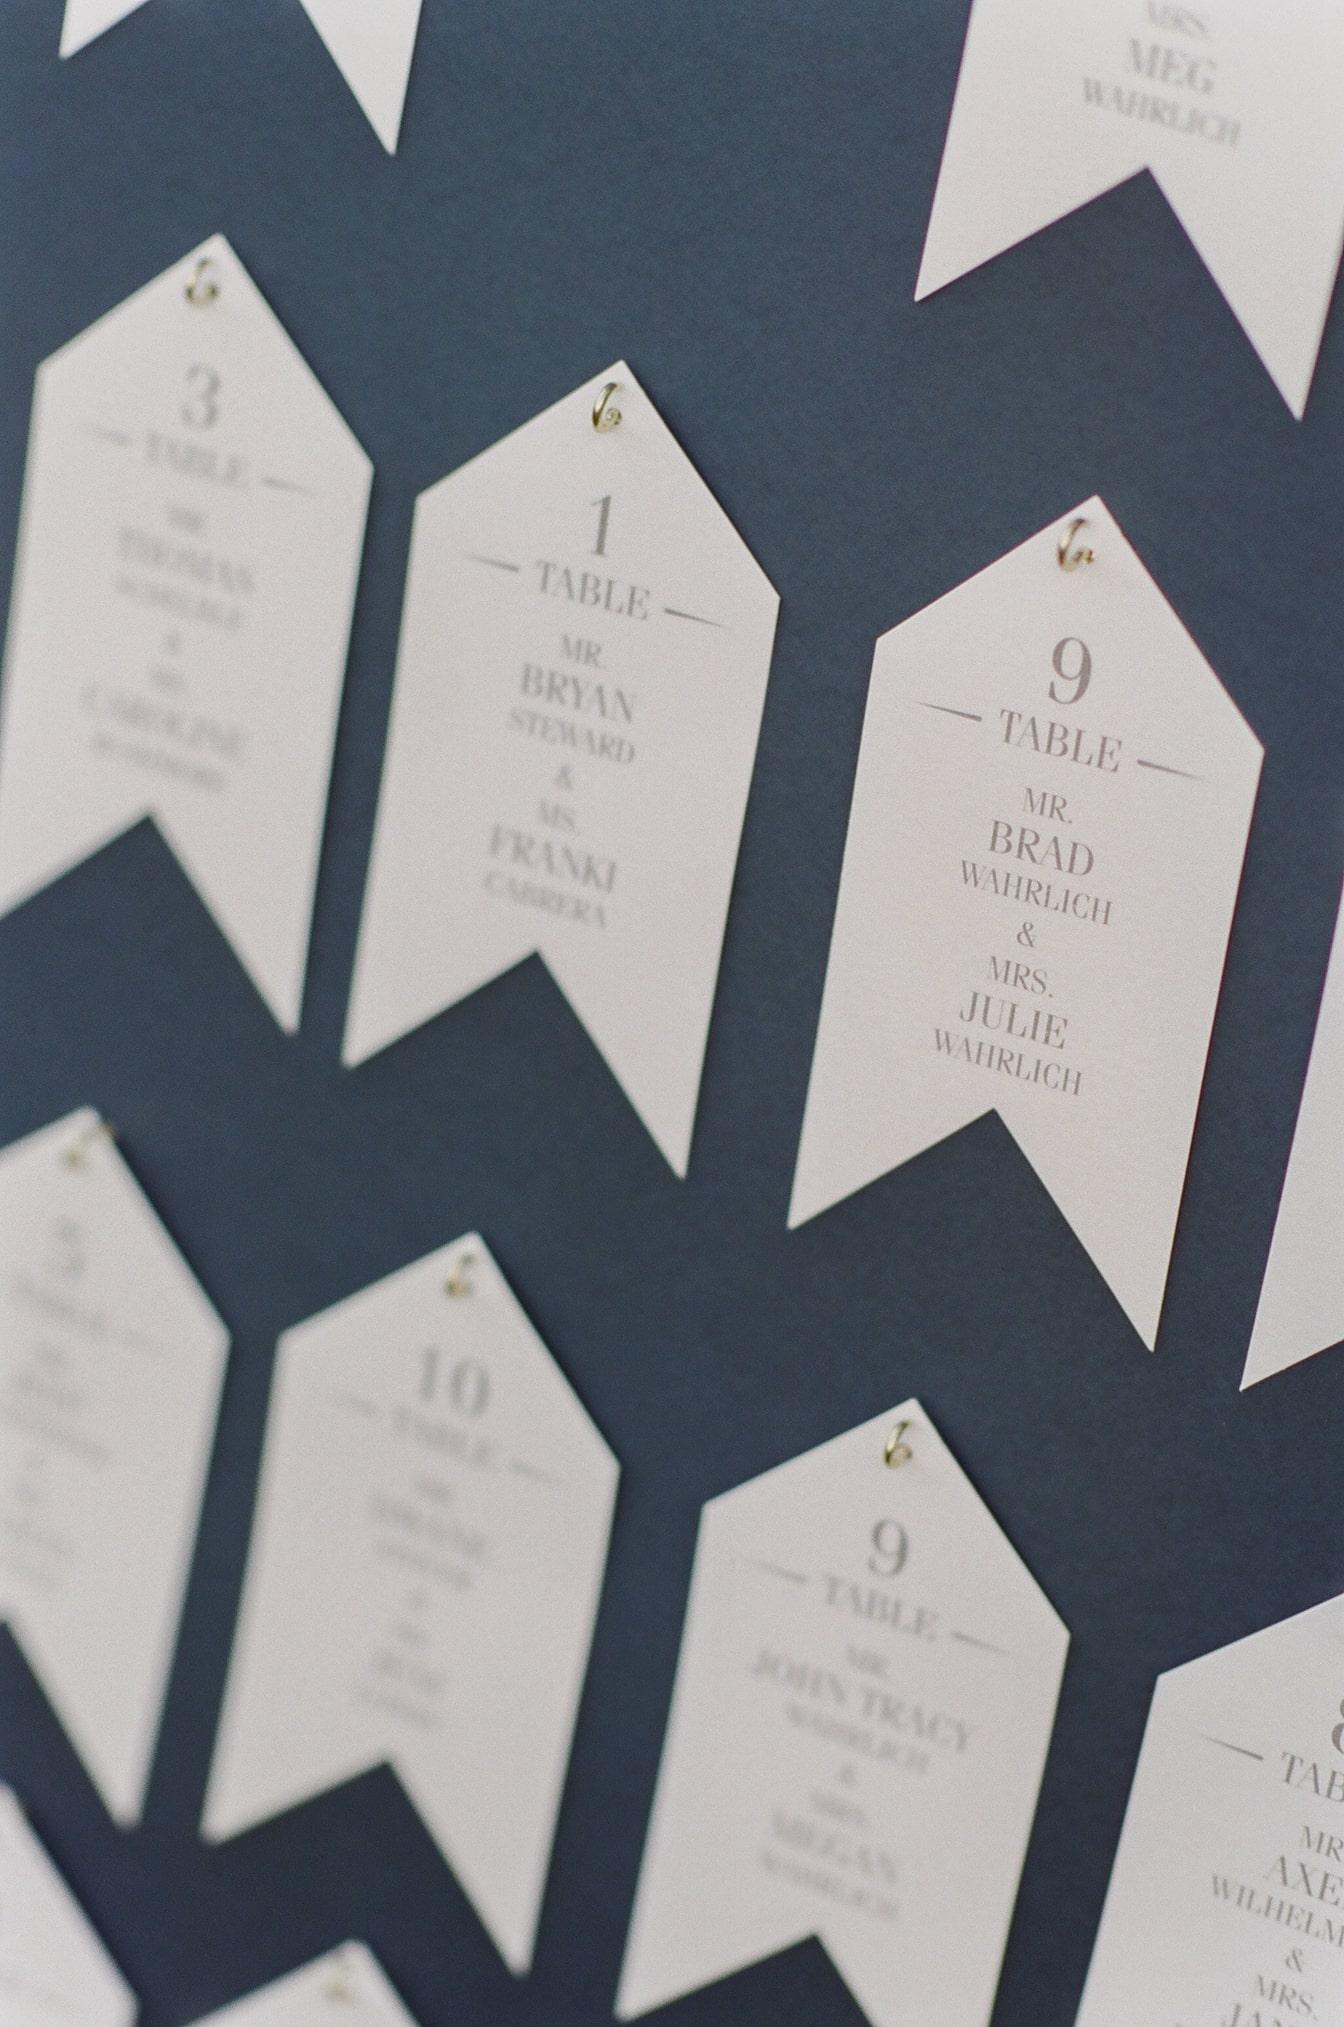 Closeup of name cards